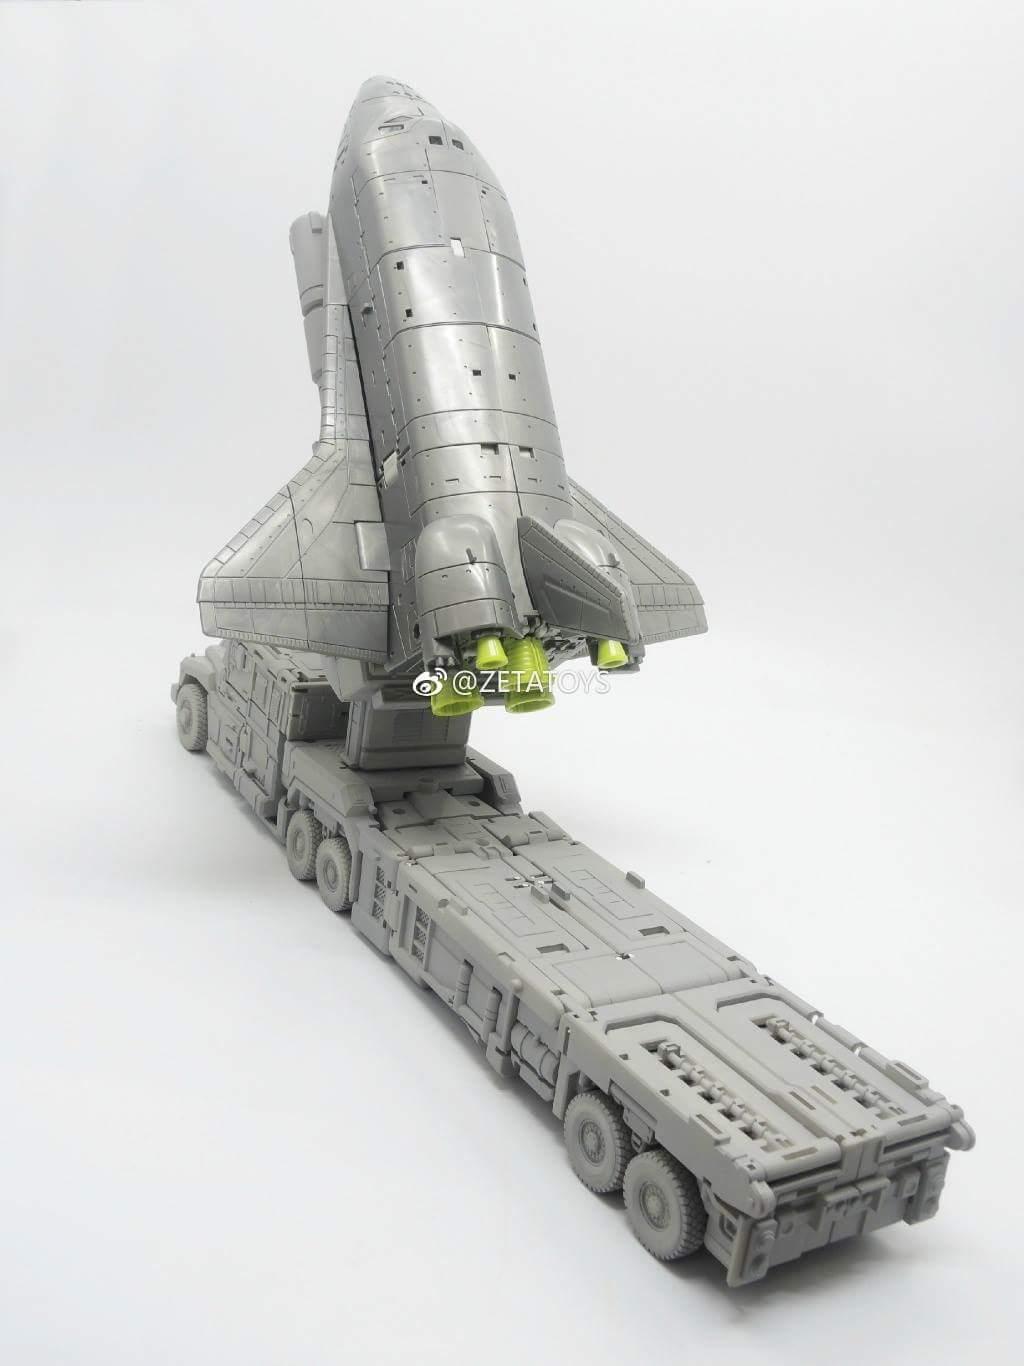 [Zeta Toys] Produit Tiers - Armageddon (ZA-01 à ZA-05) - ZA-06 Bruticon - ZA-07 Bruticon ― aka Bruticus (Studio OX, couleurs G1, métallique) - Page 2 NuoXX7Dc